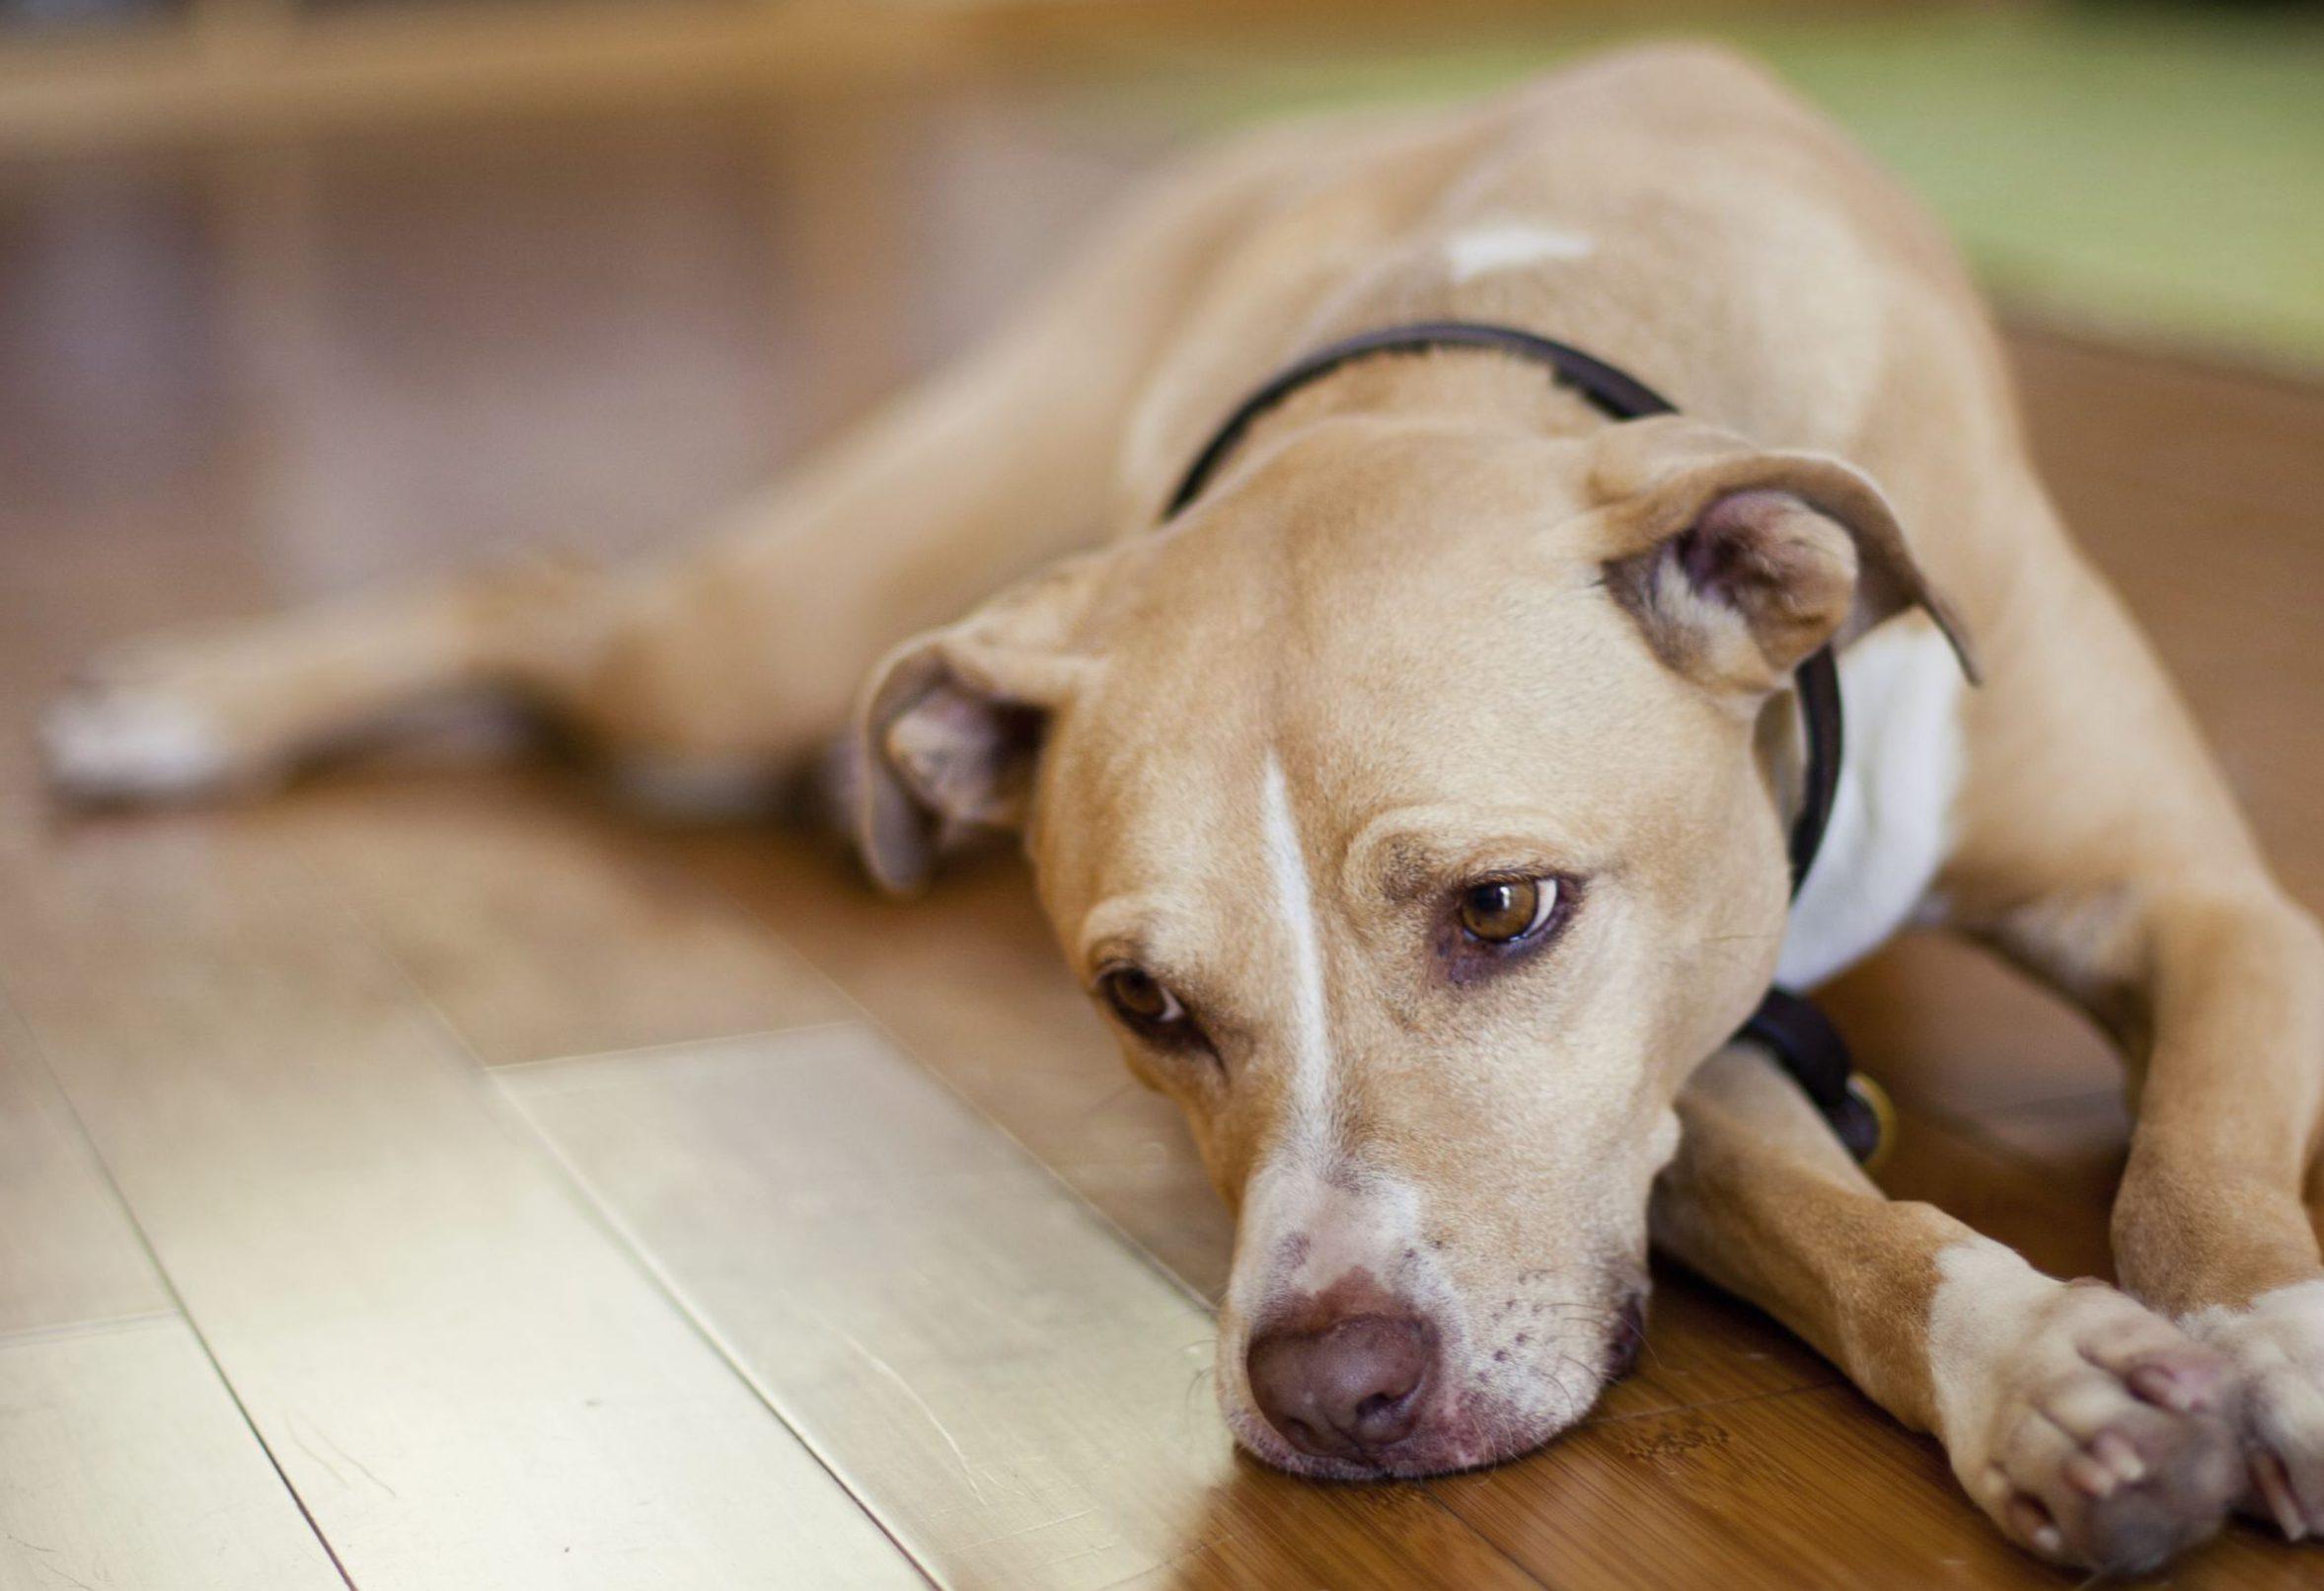 Grünlippmuschel bei Gelenkschmerzen beim Hund? - Meine..